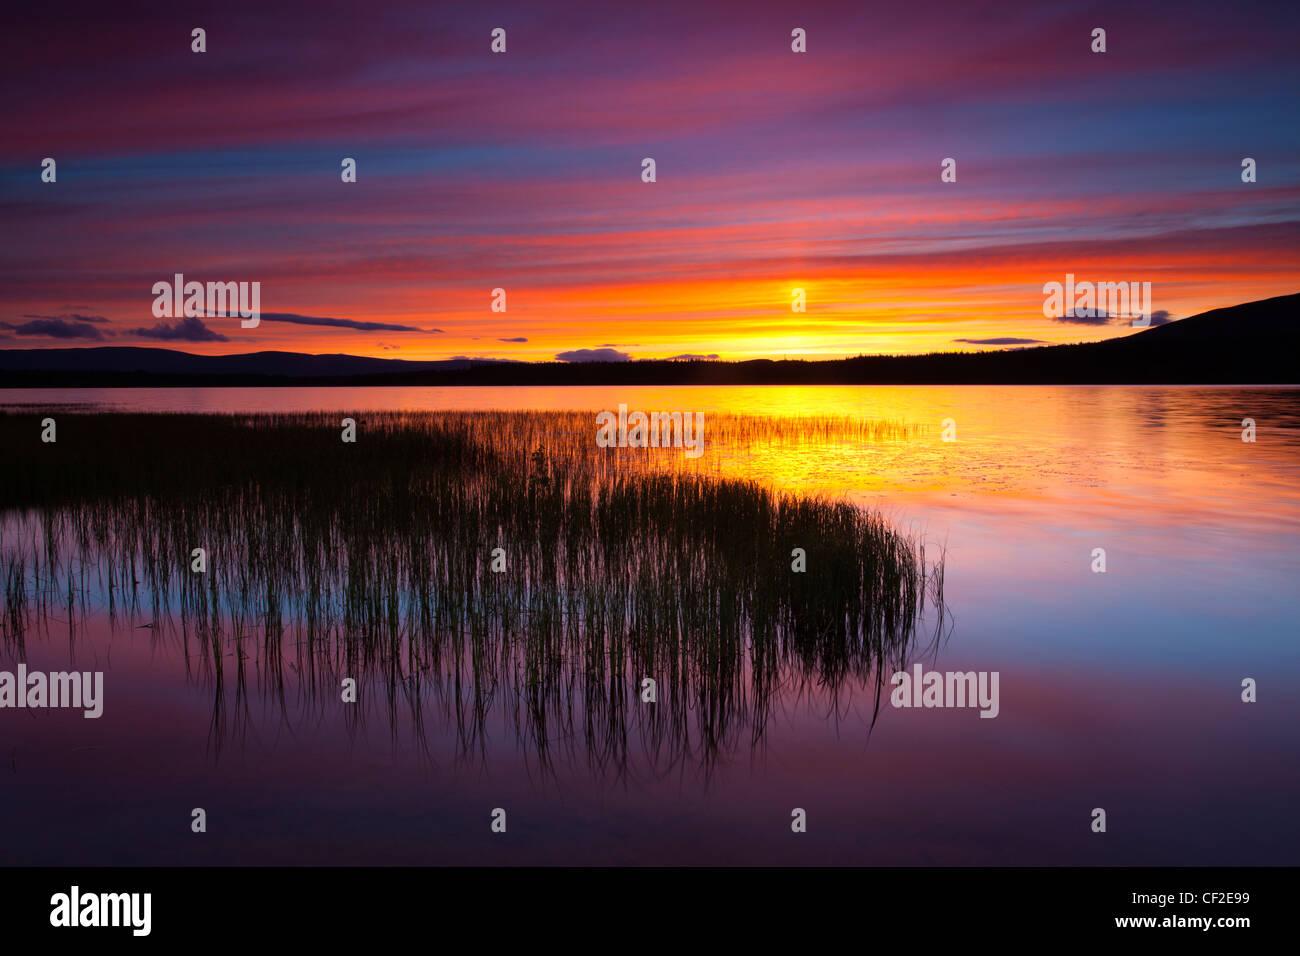 Sommer Sonnenuntergang über Loch Morlich in der Nähe von Aviemore in den Cairngorms National Park. Stockbild